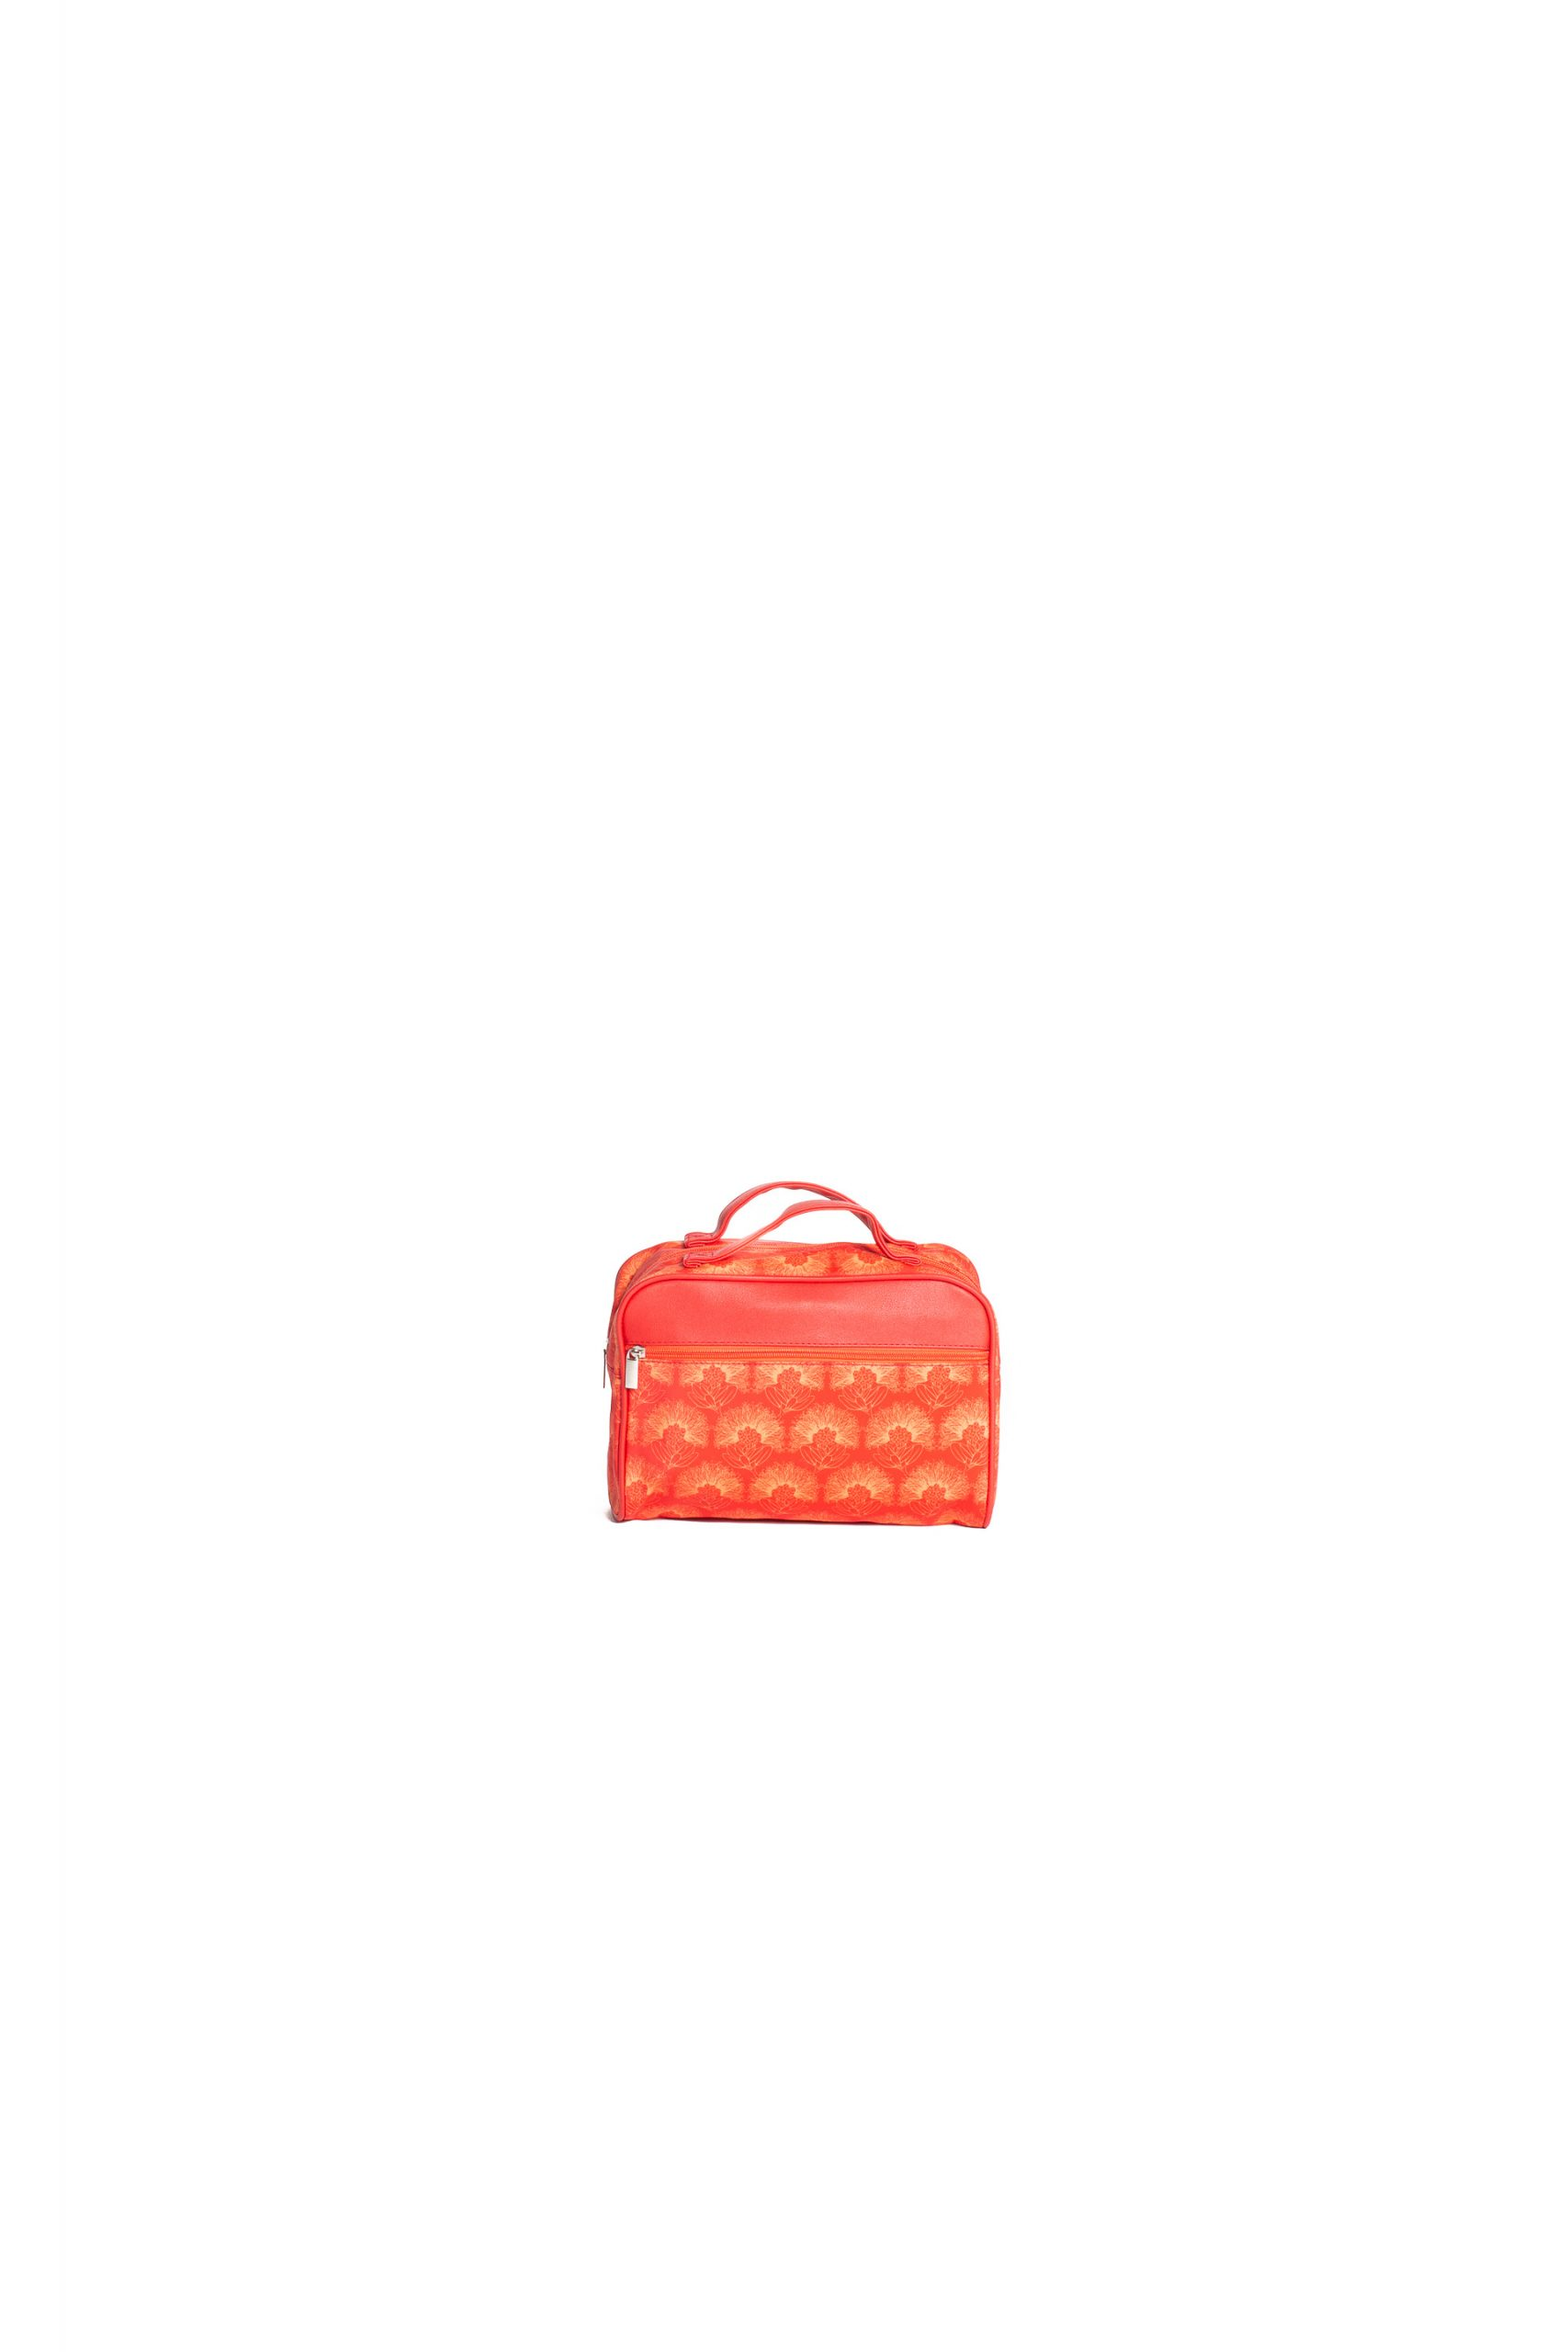 Auau Wash Bag in Red